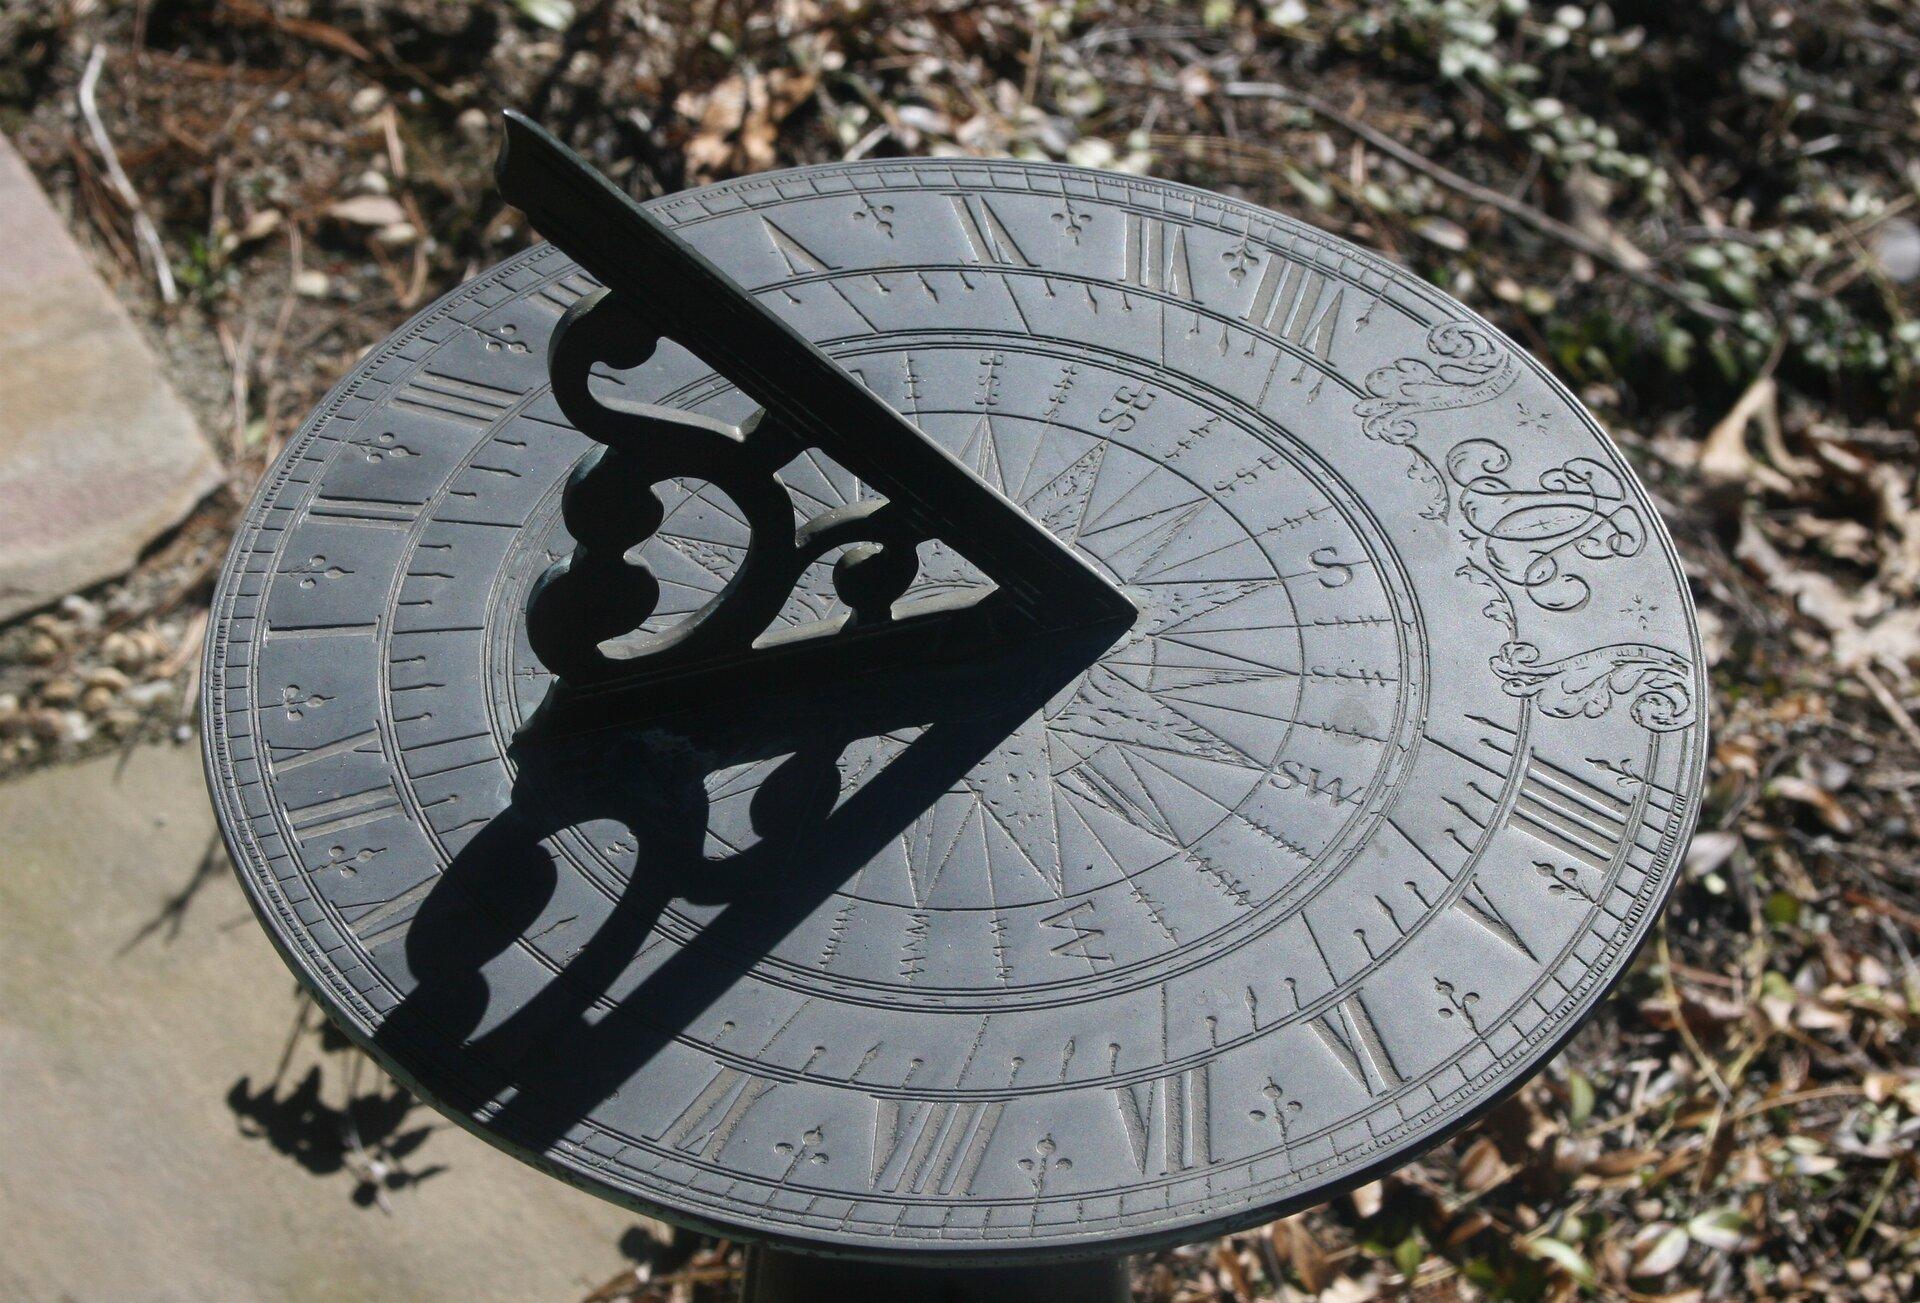 Fotografia przedstawia zegar słoneczny umieszczony na postumencie.